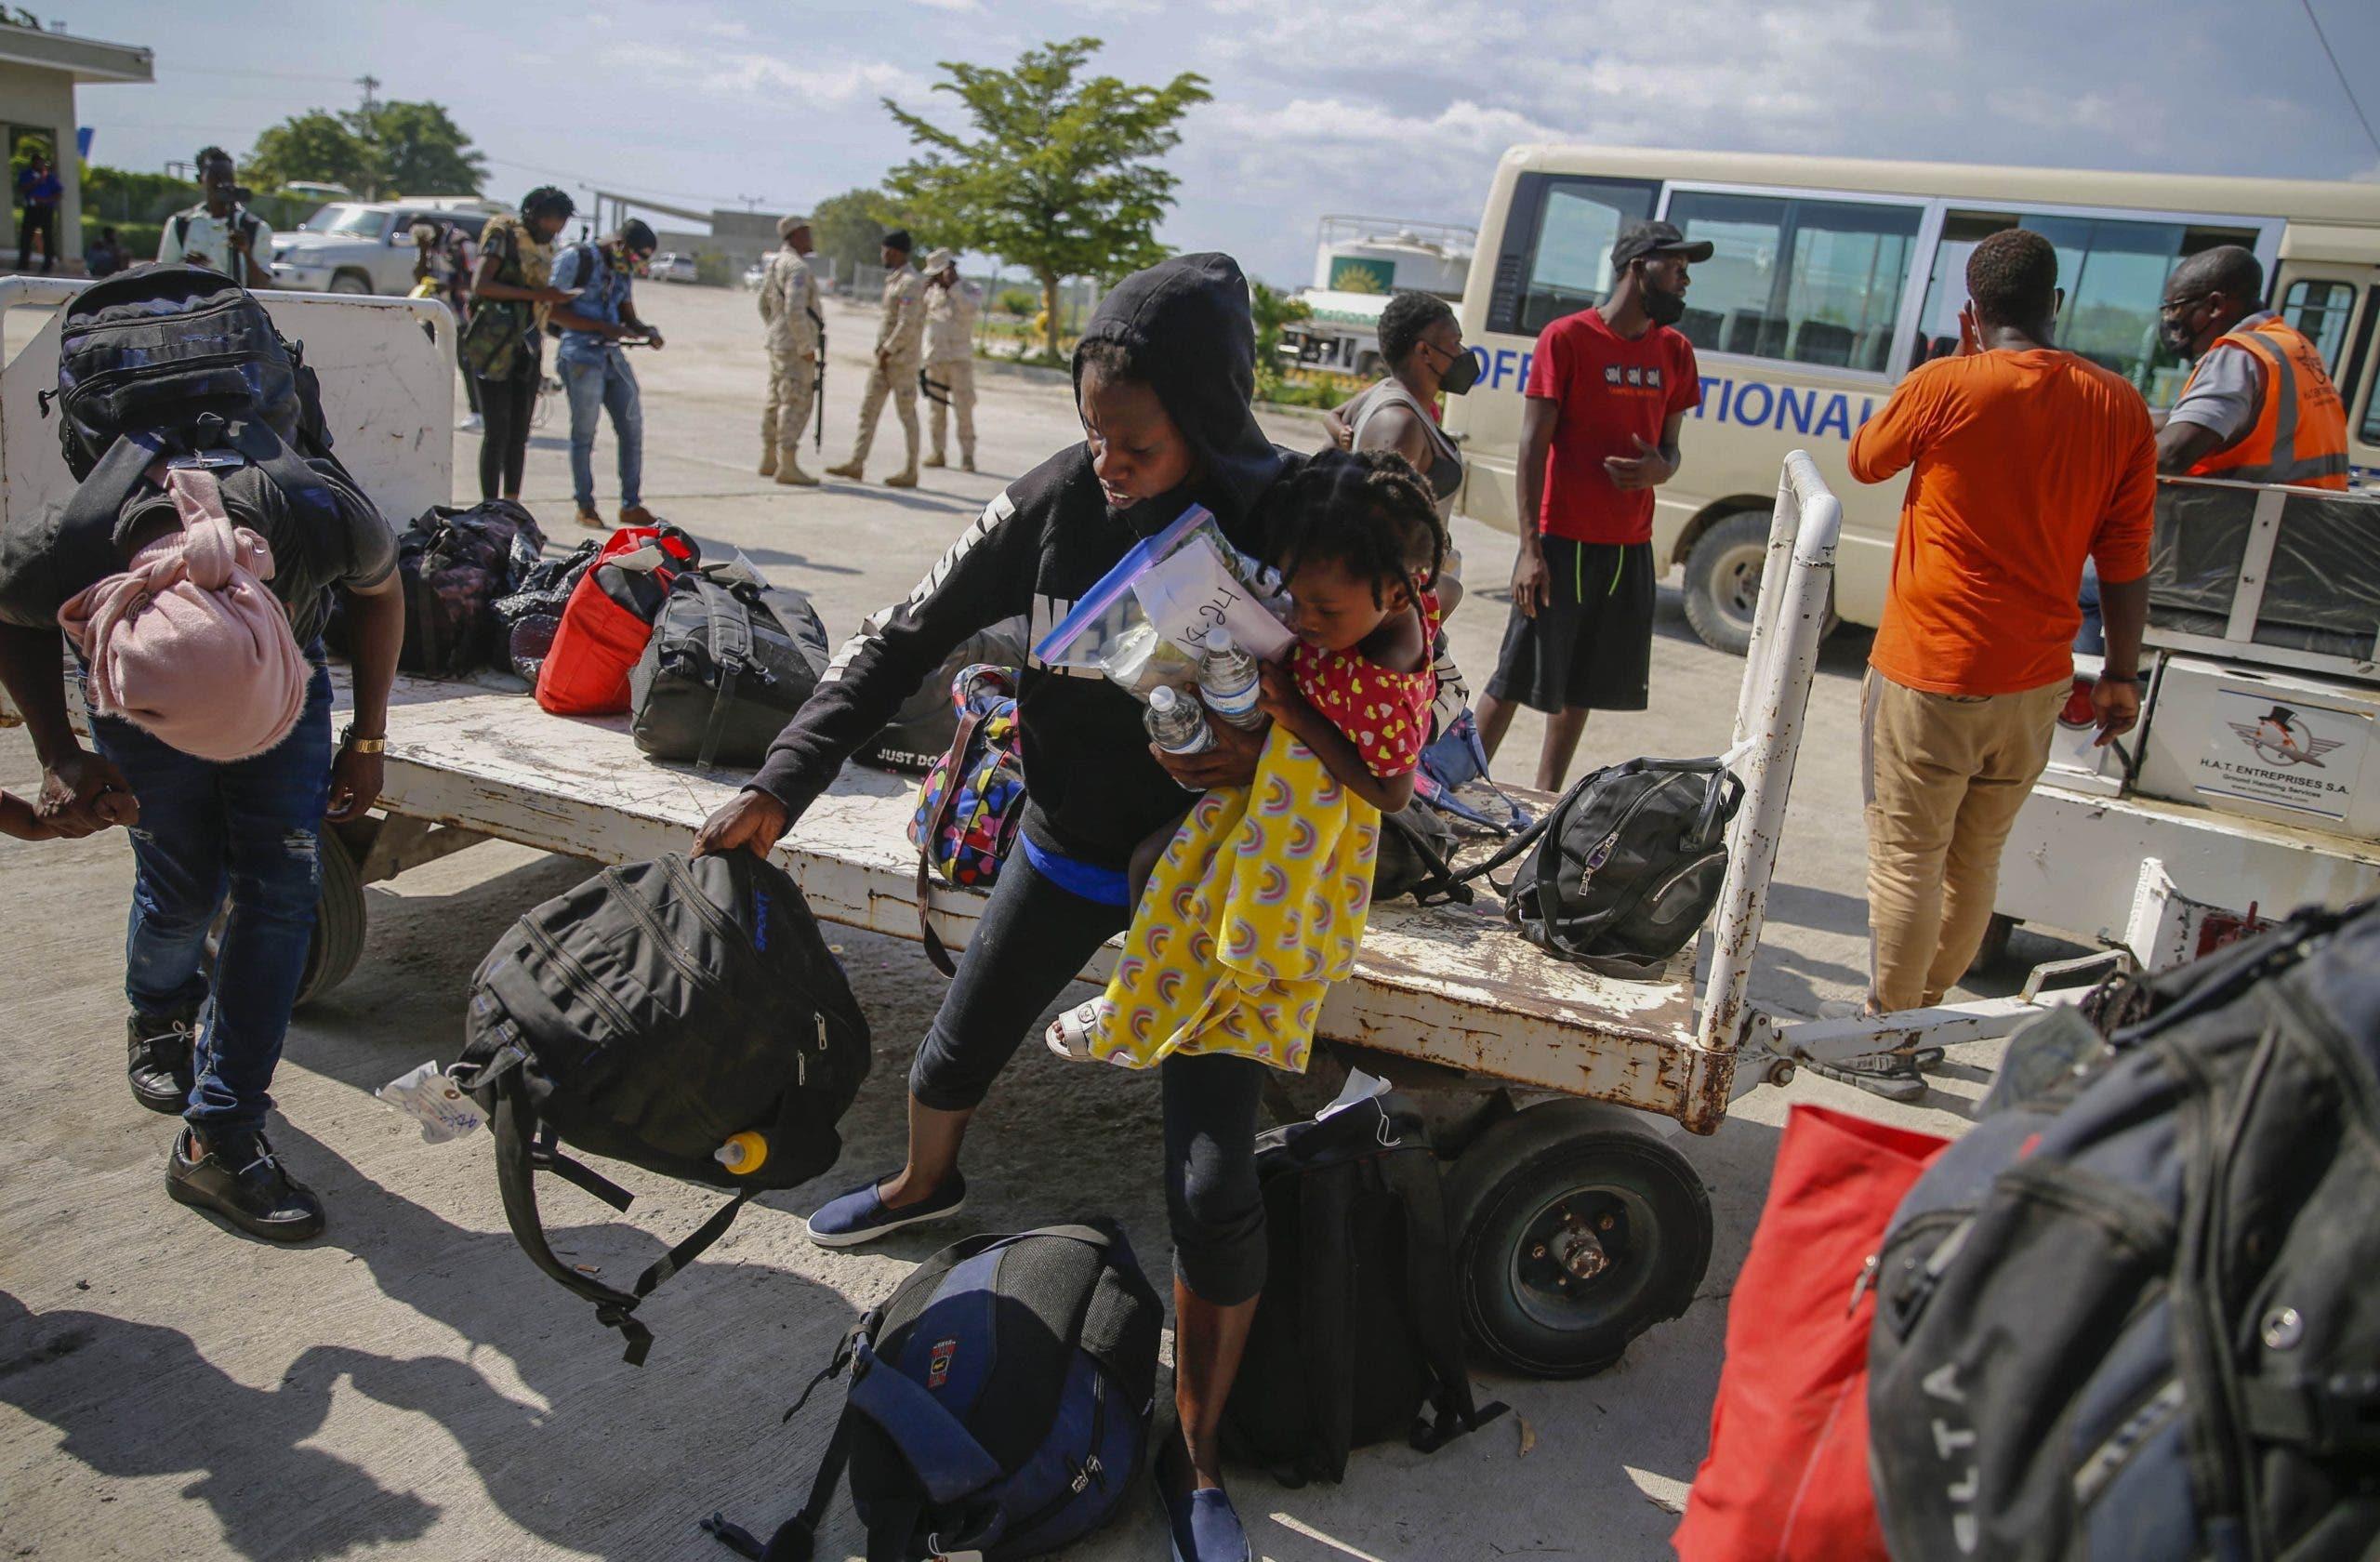 Estados Unidos deporta a 560 haitianos en los dos últimos días